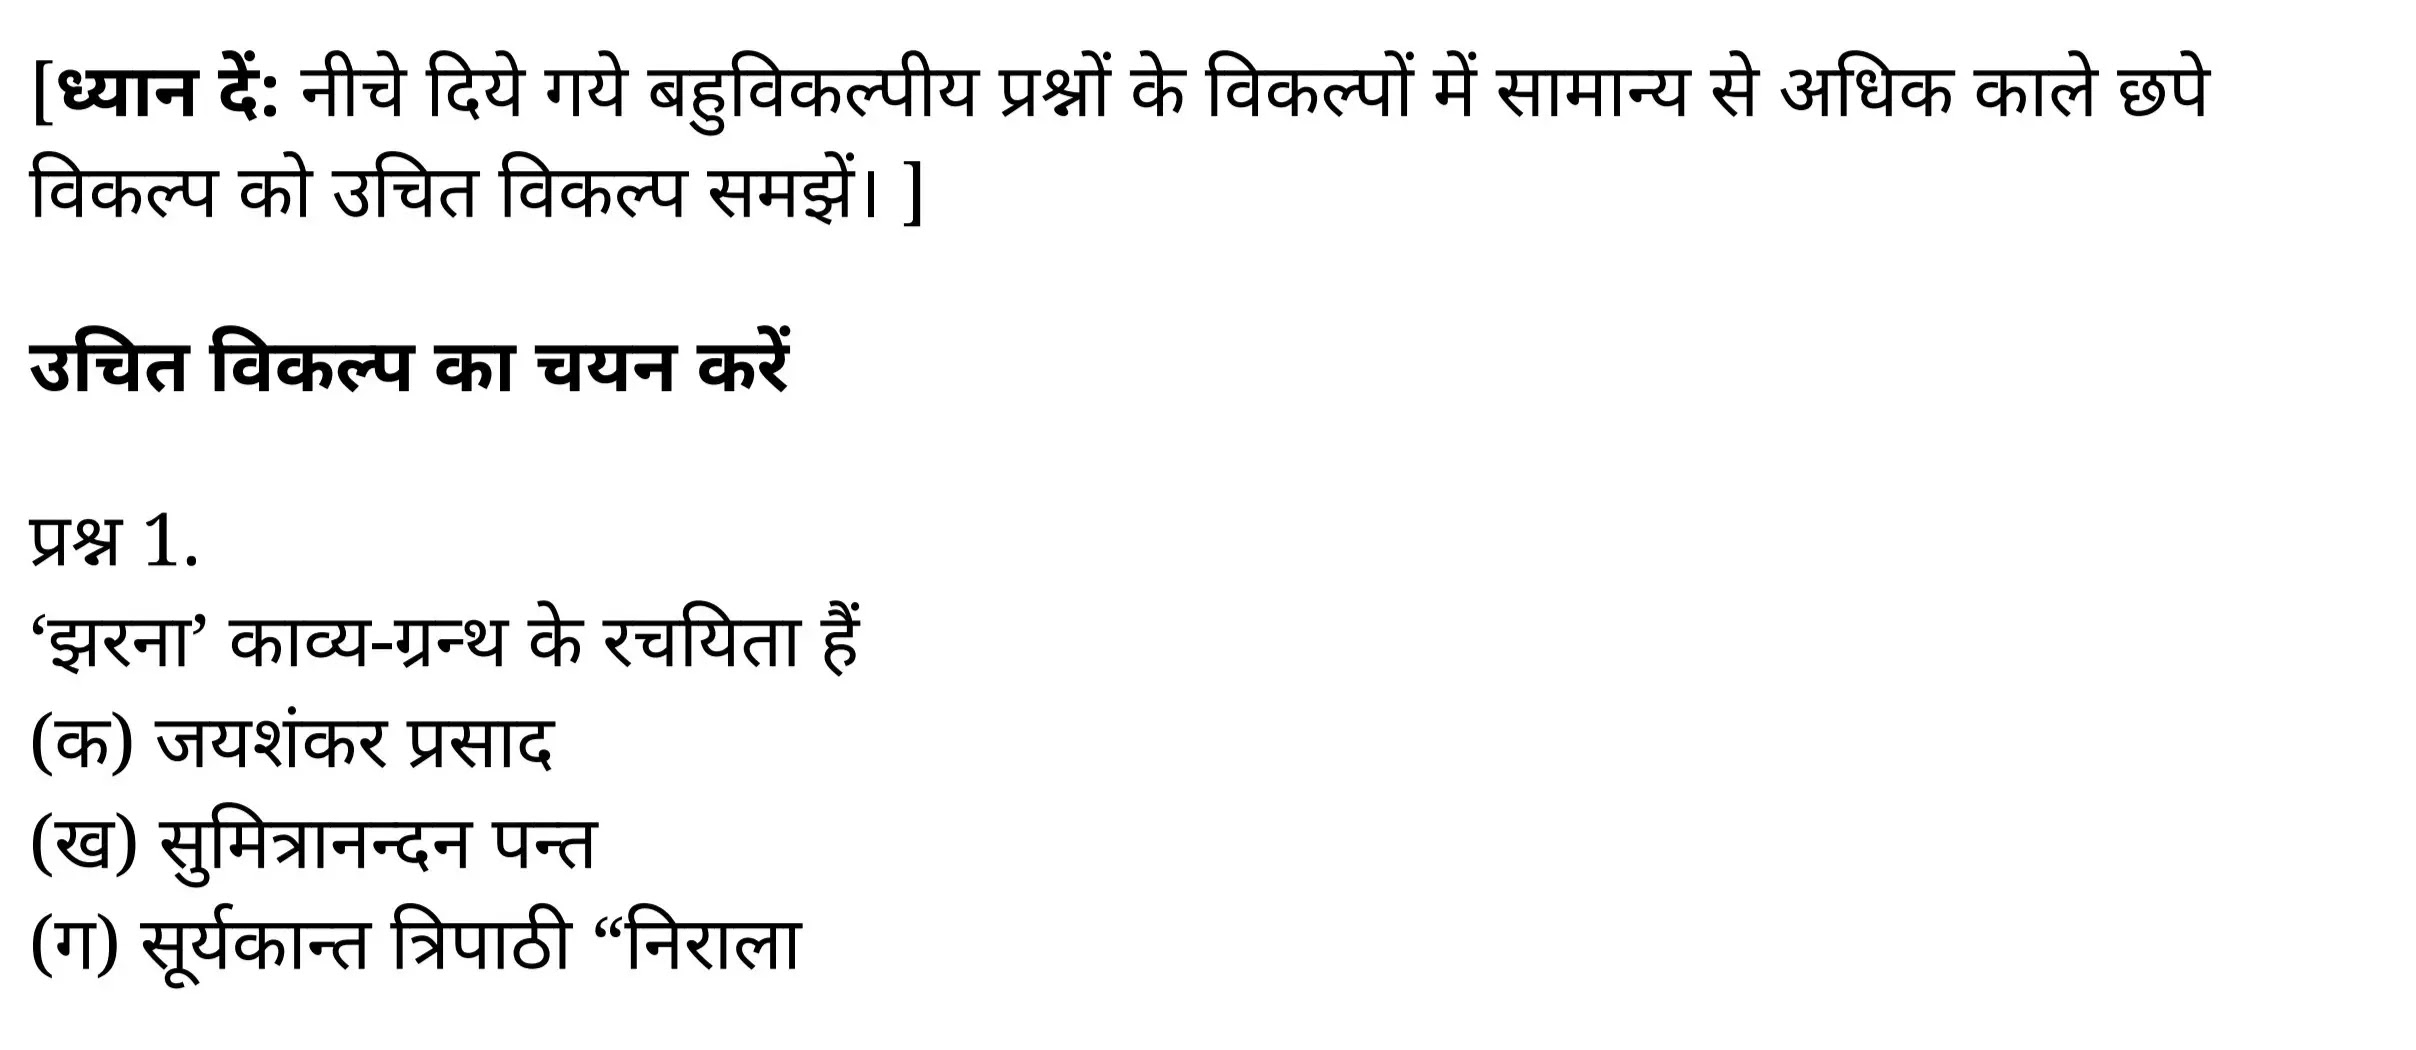 """यूपी बोर्ड एनसीईआरटी समाधान """"कक्षा 11 सामान्य  हिंदी"""" काव्य-साहित्य विकास बहुविकल्पीये प्रश्न : दो  हिंदी में"""